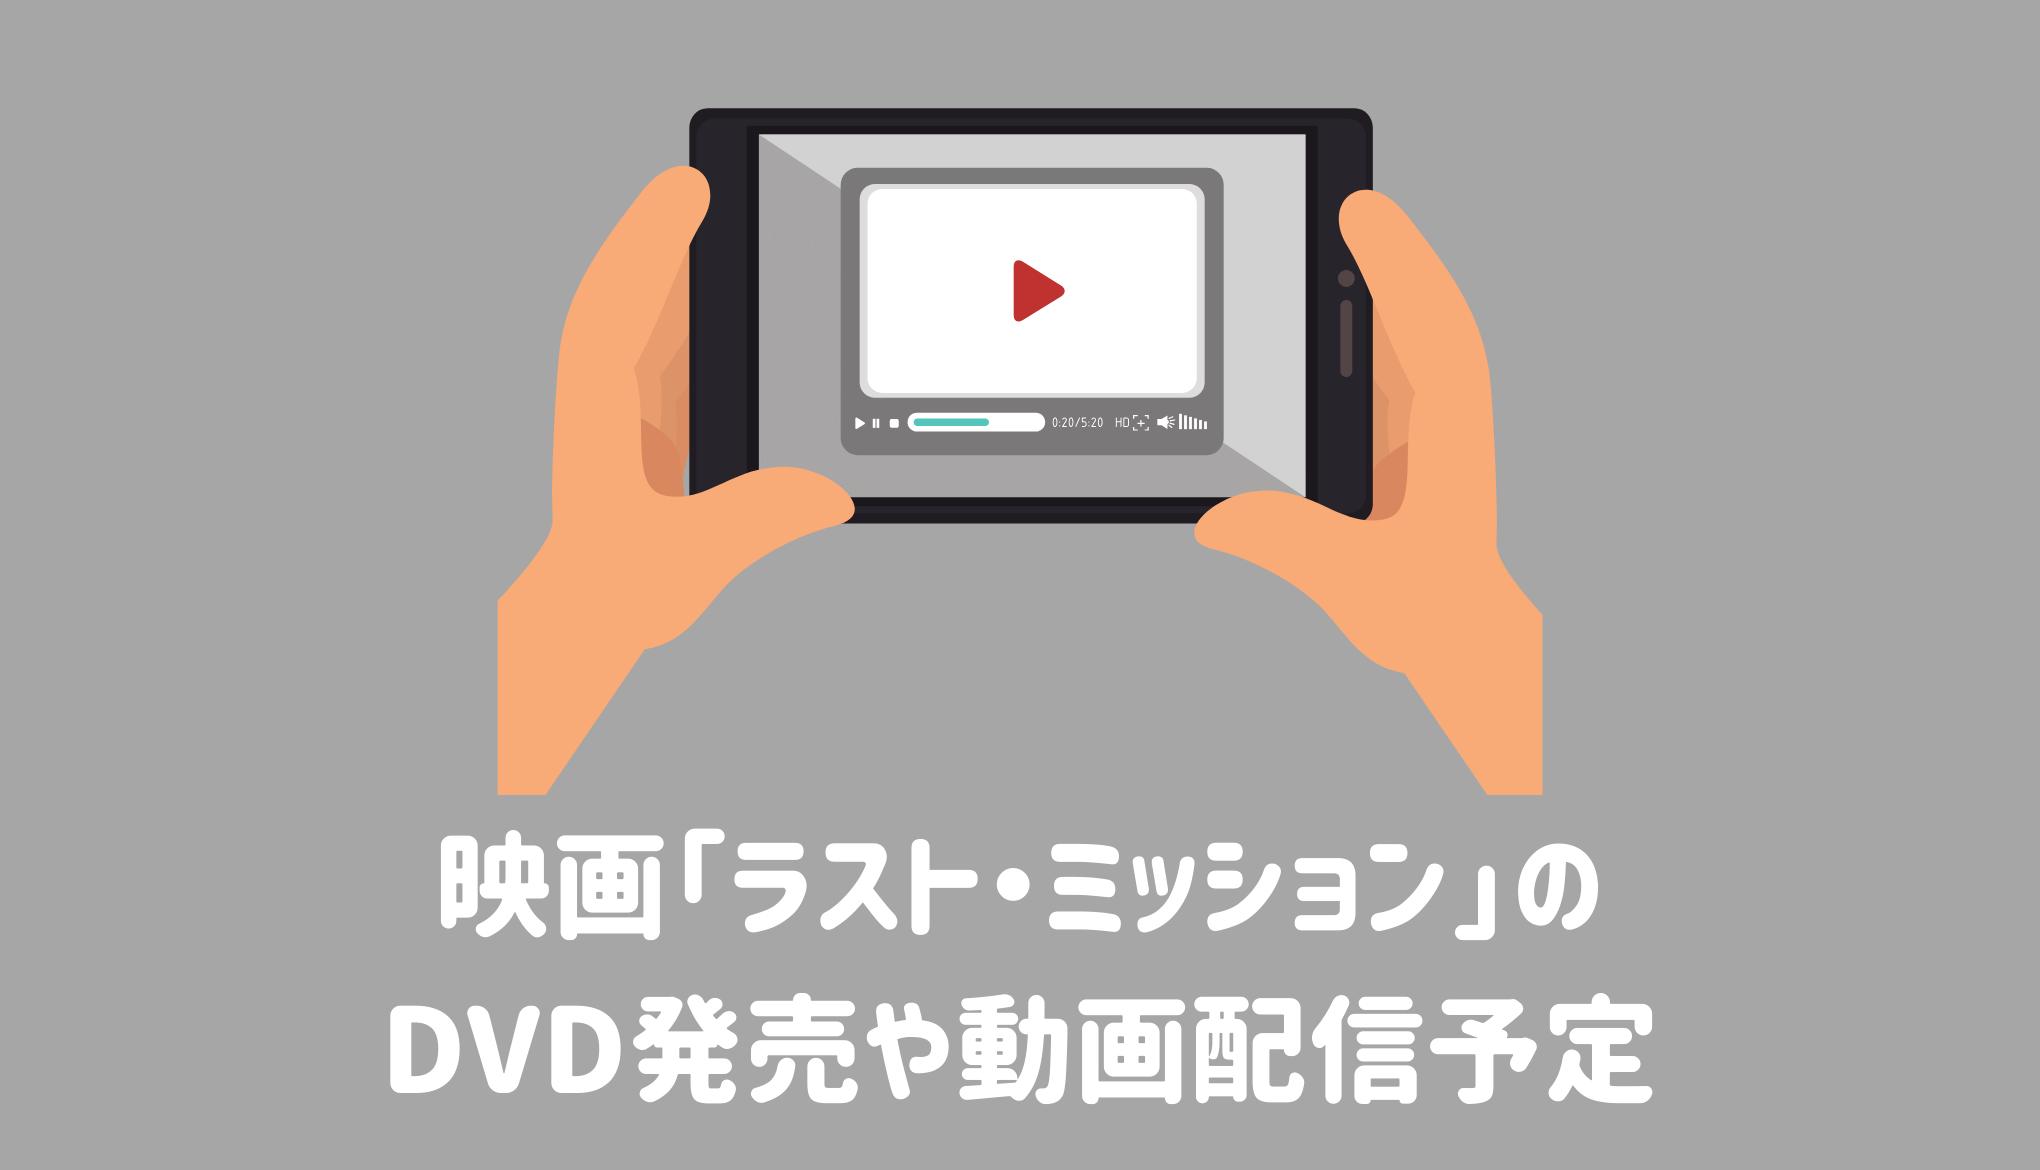 映画「ラスト・ミッション」のDVD発売や動画配信予定